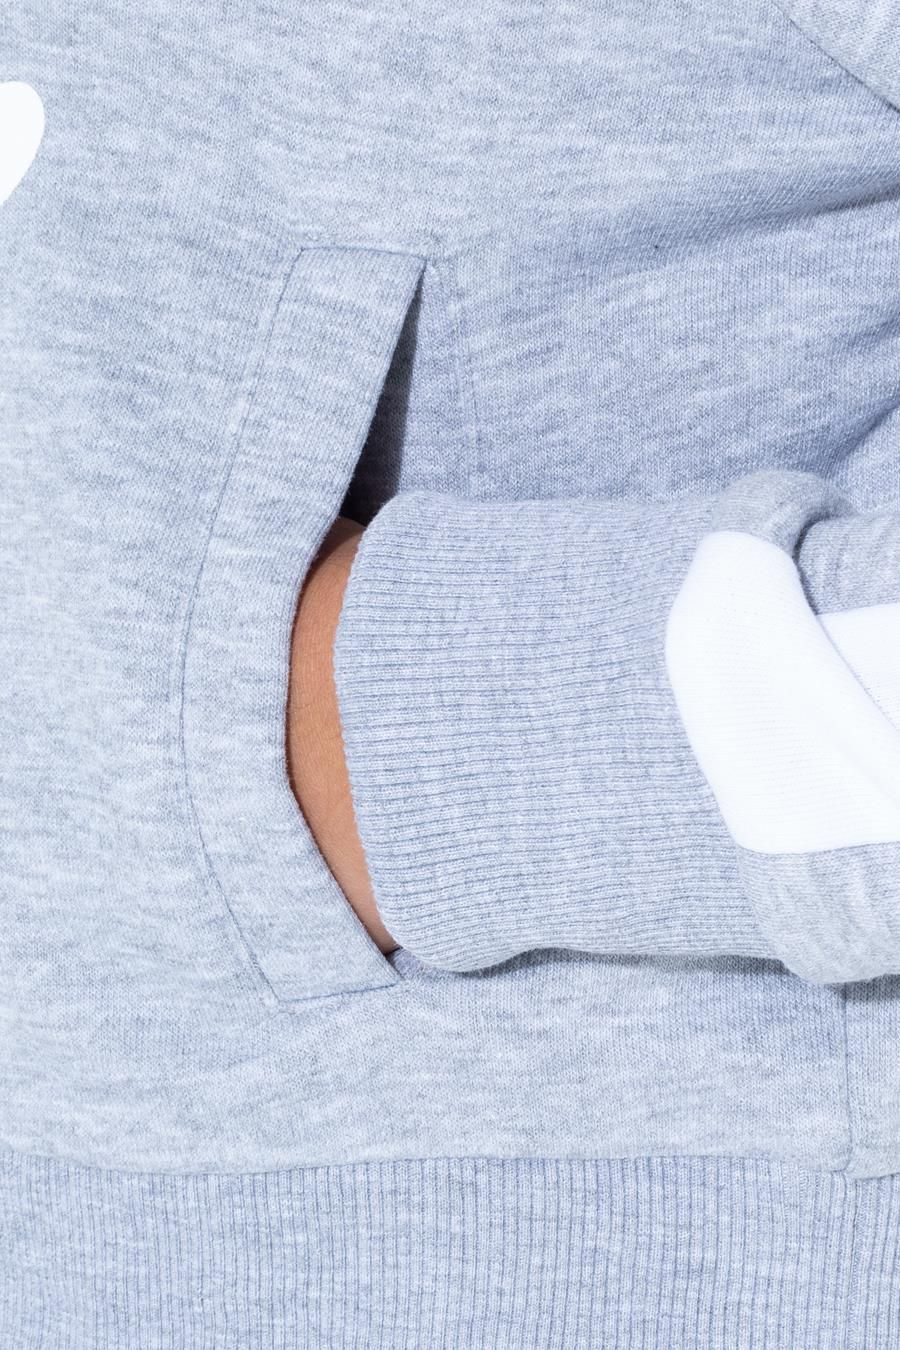 Hype Grey Side Stripe Kids Crop Pullover Hoodie